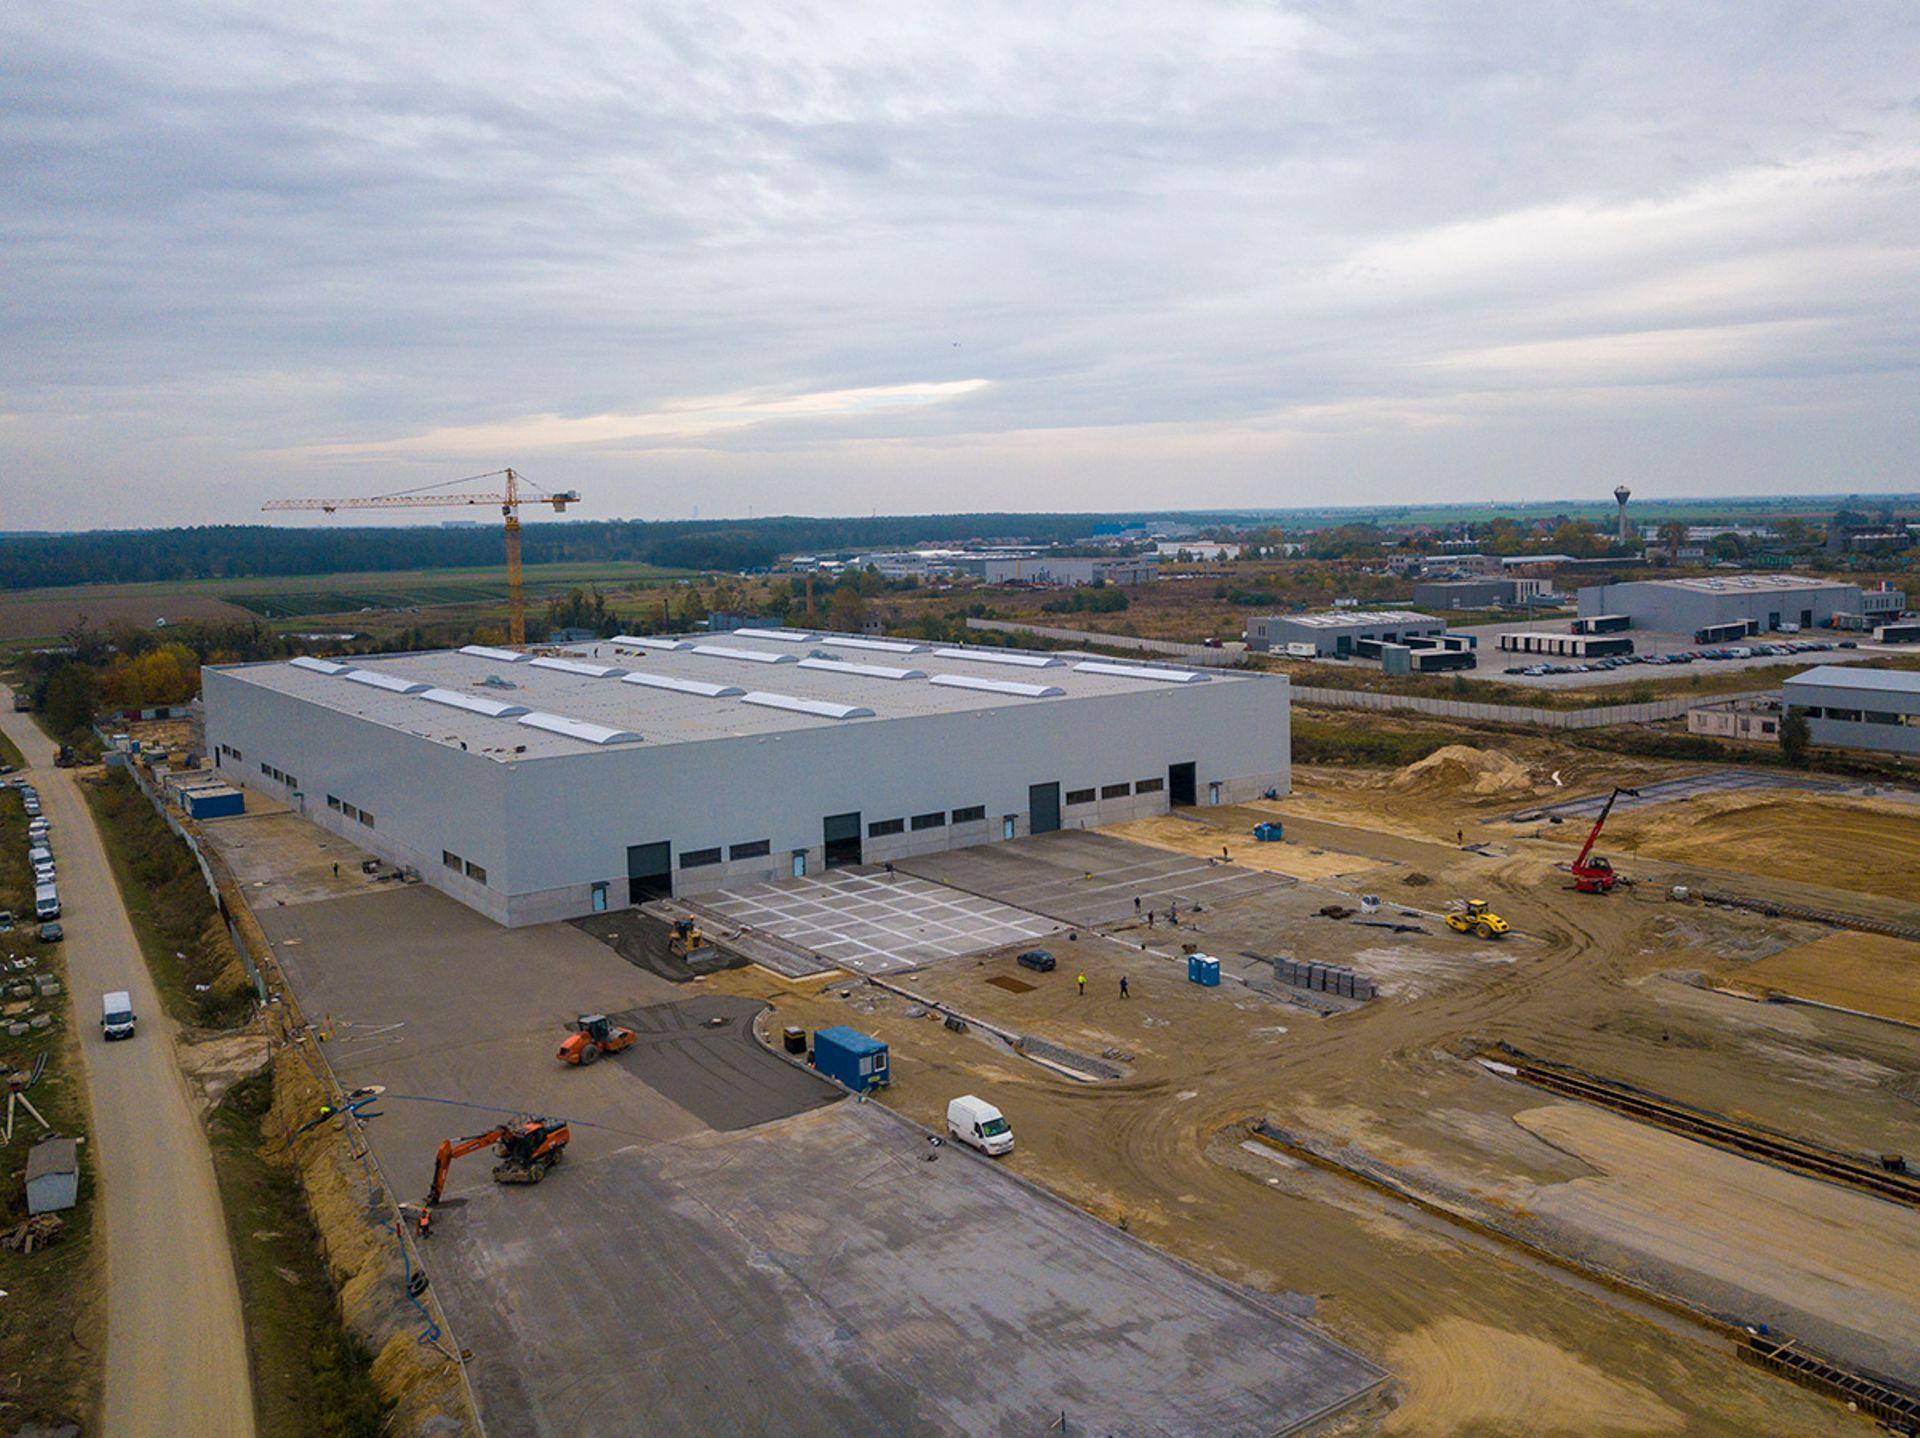 W gminie Miękinia powstaje nowoczesna fabryka z branży budownictwa